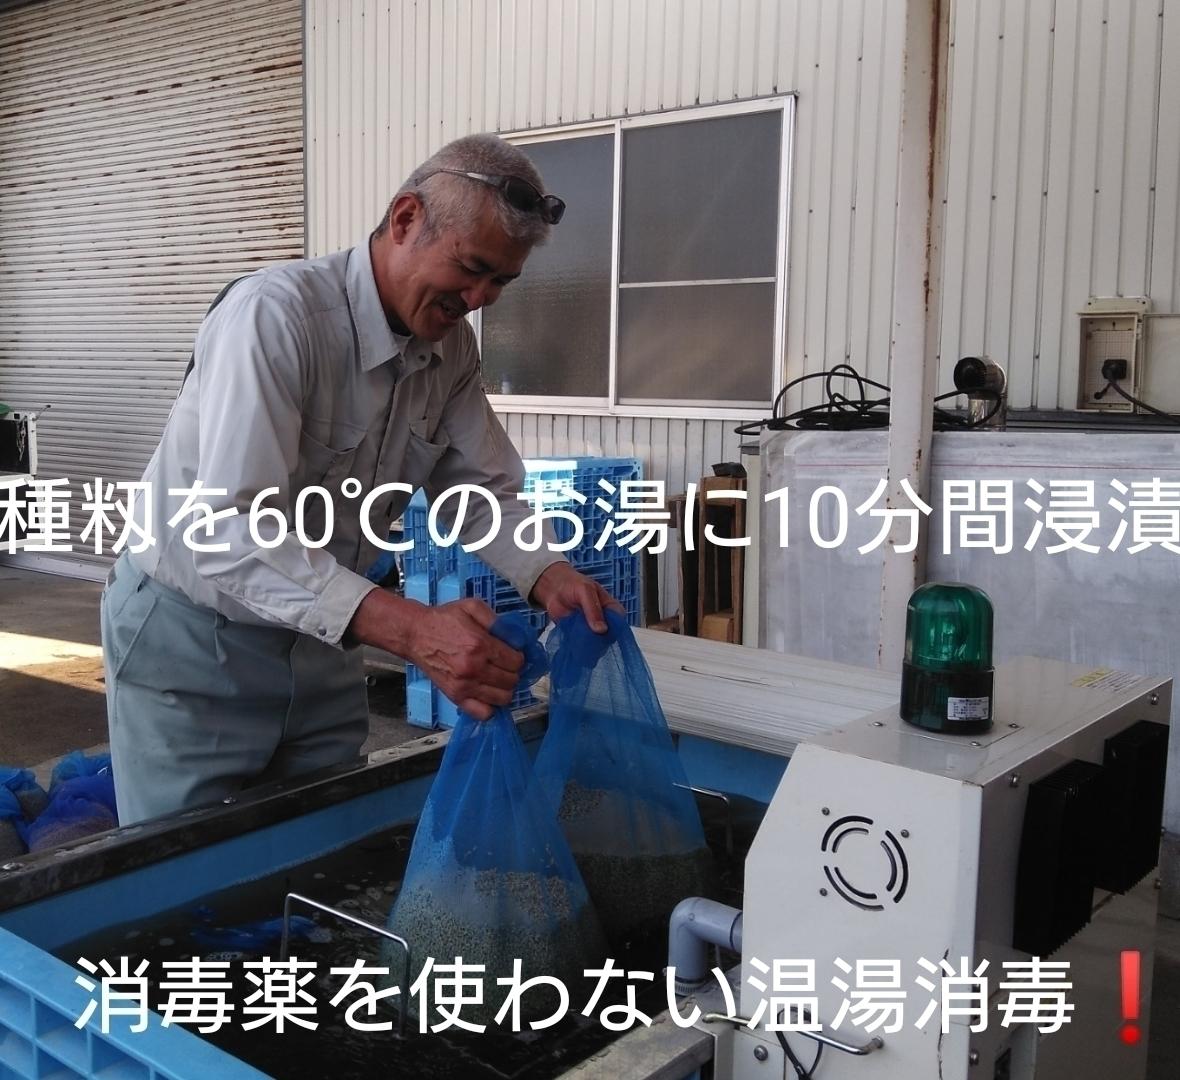 自然栽培米 米の旨みたっぷり 氷温熟成 つや姫 令和2年産 山形県産 庄内米 無施肥 無農薬 玄米 25kg (正味24.6kg) 農家直送_1回40kgなのでかなり時間かかる作業